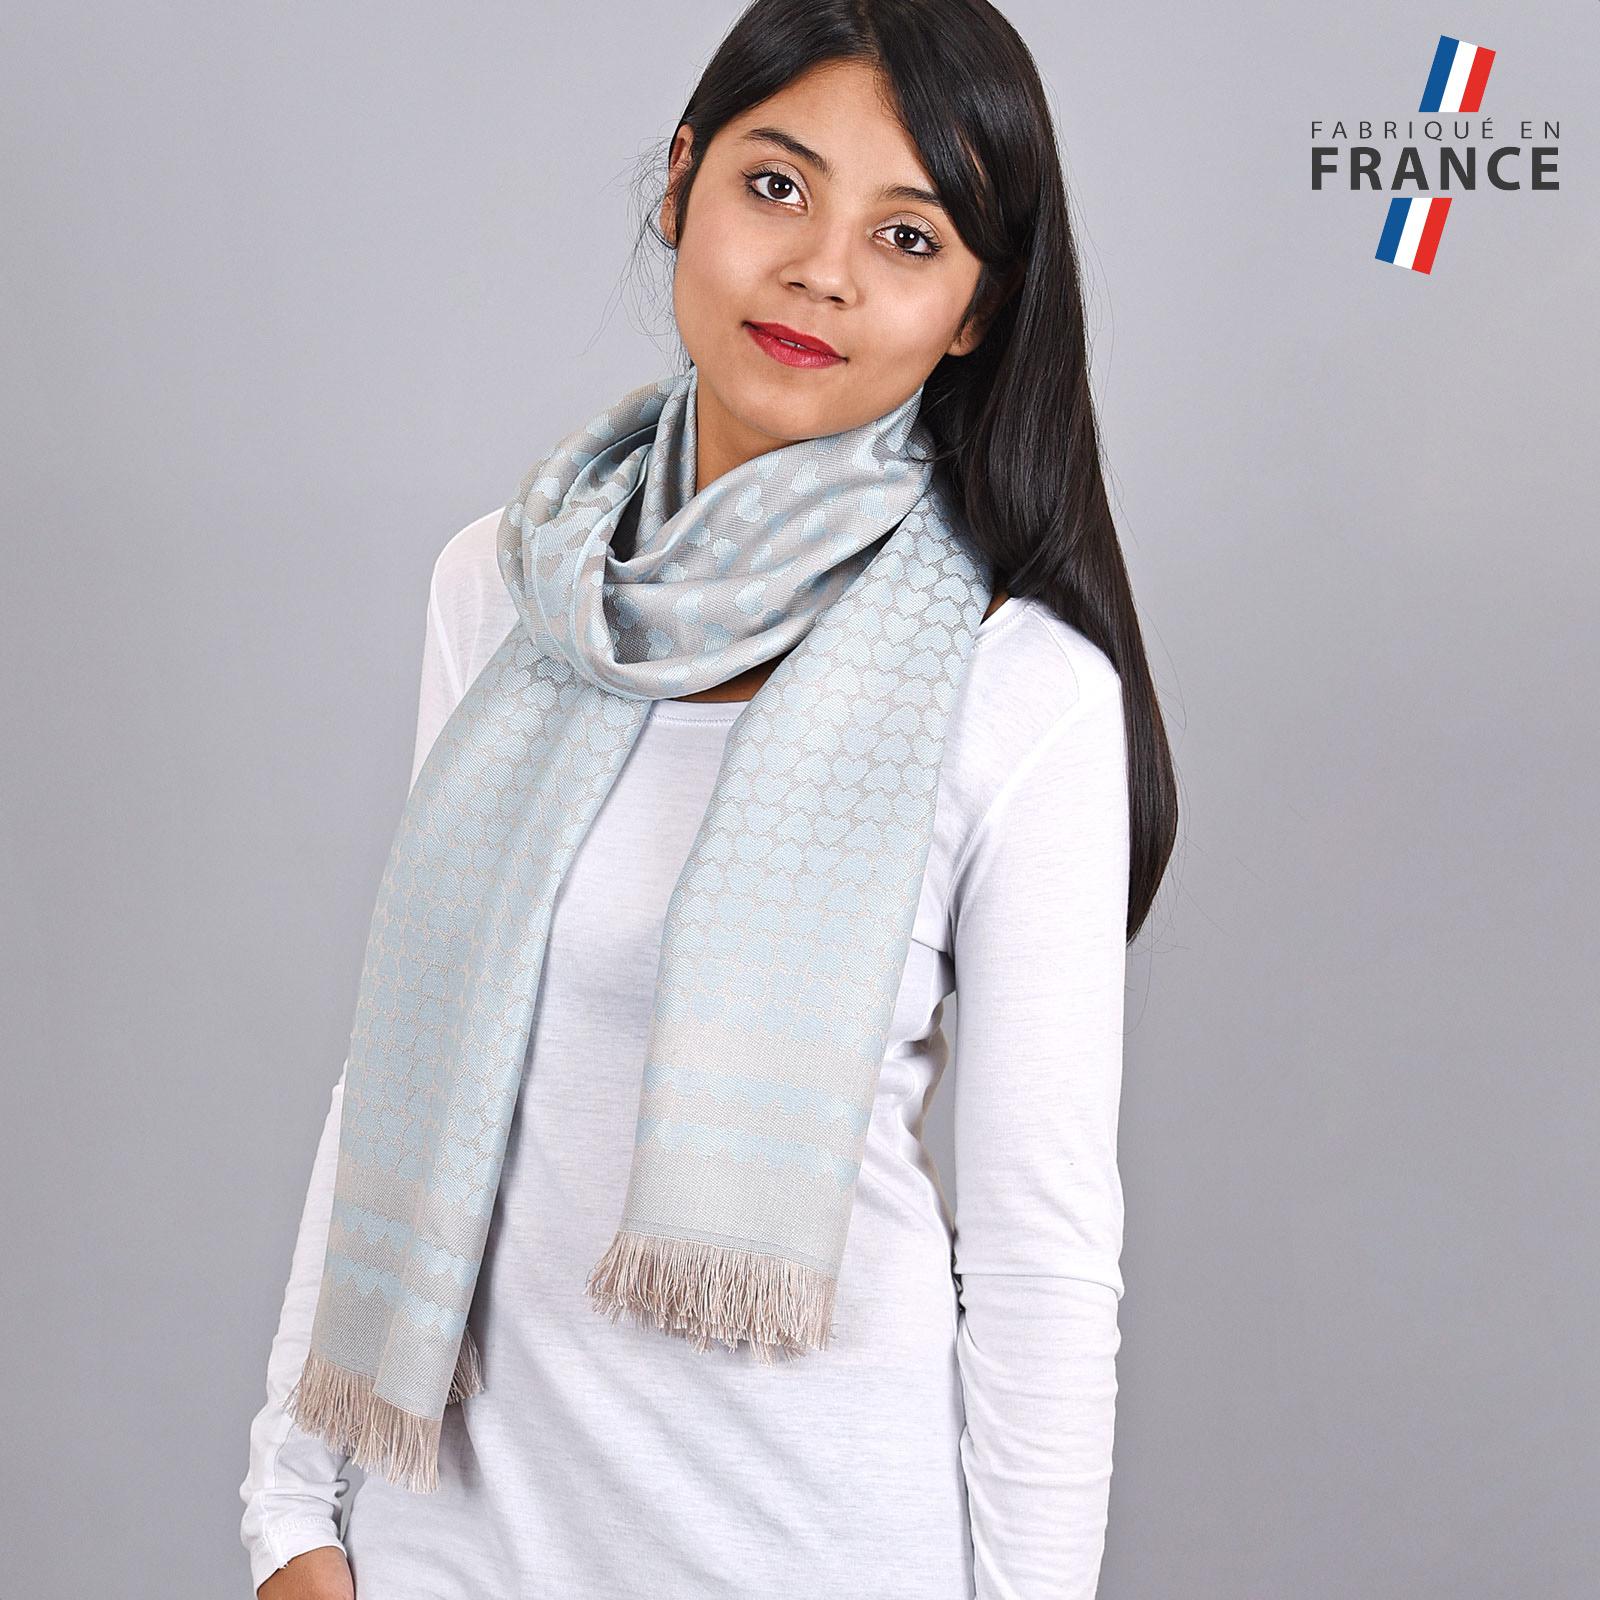 AT-04264-VF16-LB_FR-echarpe-qualicoq-motifs-coeurs-bleu-ciel